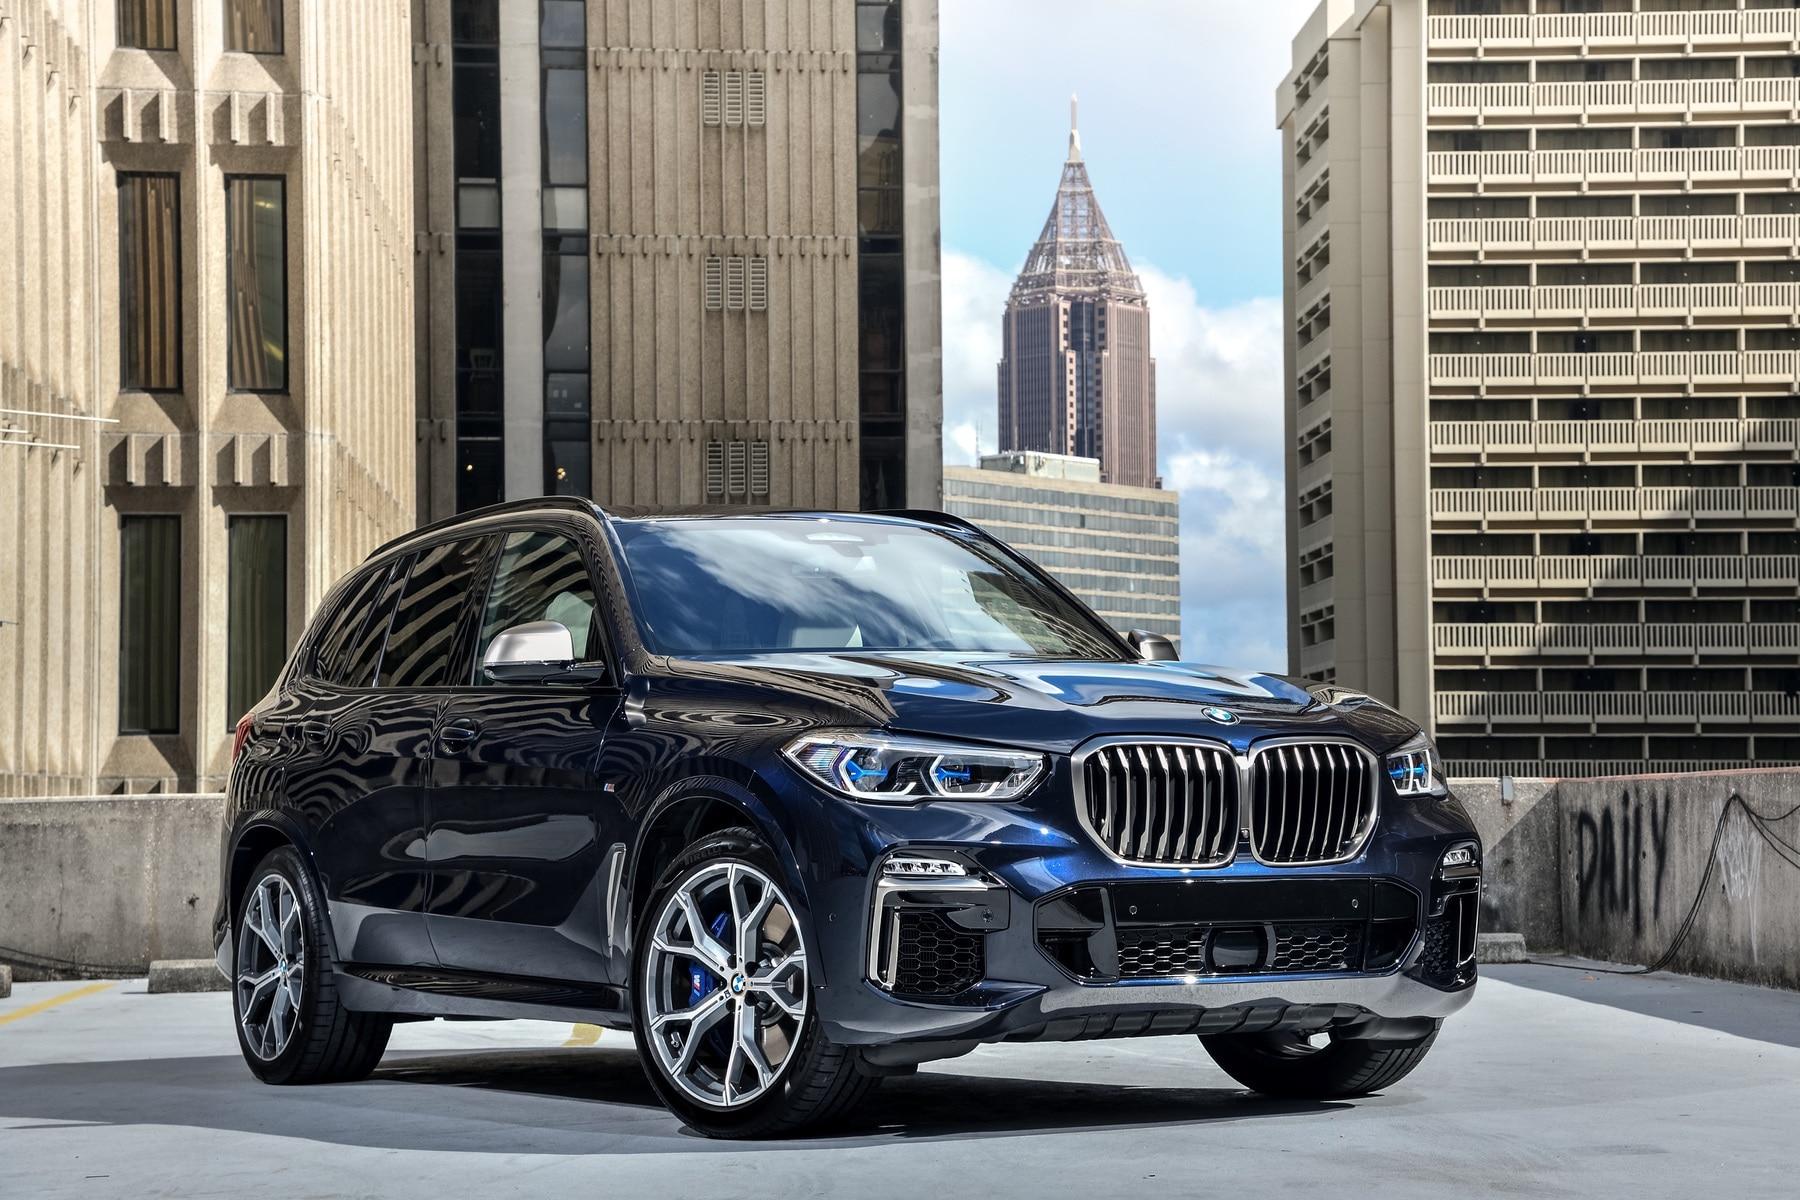 BMW of Murray | 2019 BMW X5 Compared to 2018 BMW X5